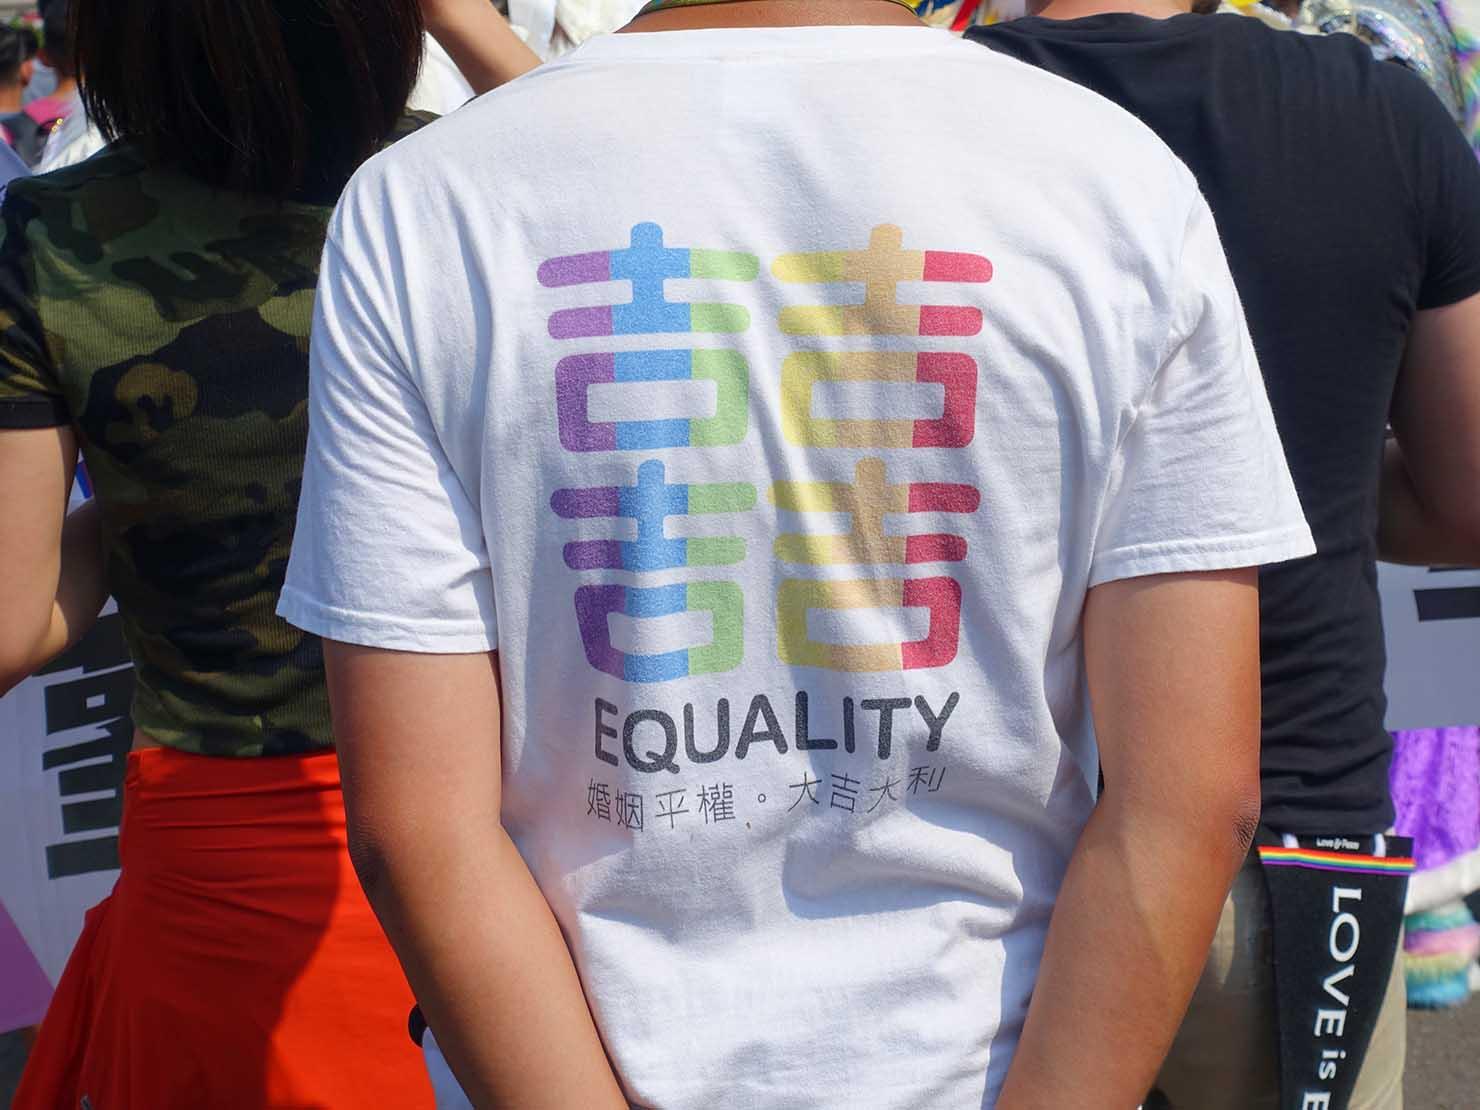 苗栗愛轉來平權遊行(苗栗LGBTプライド)2019で同性婚実現を求めるTシャツ姿で歩く参加者